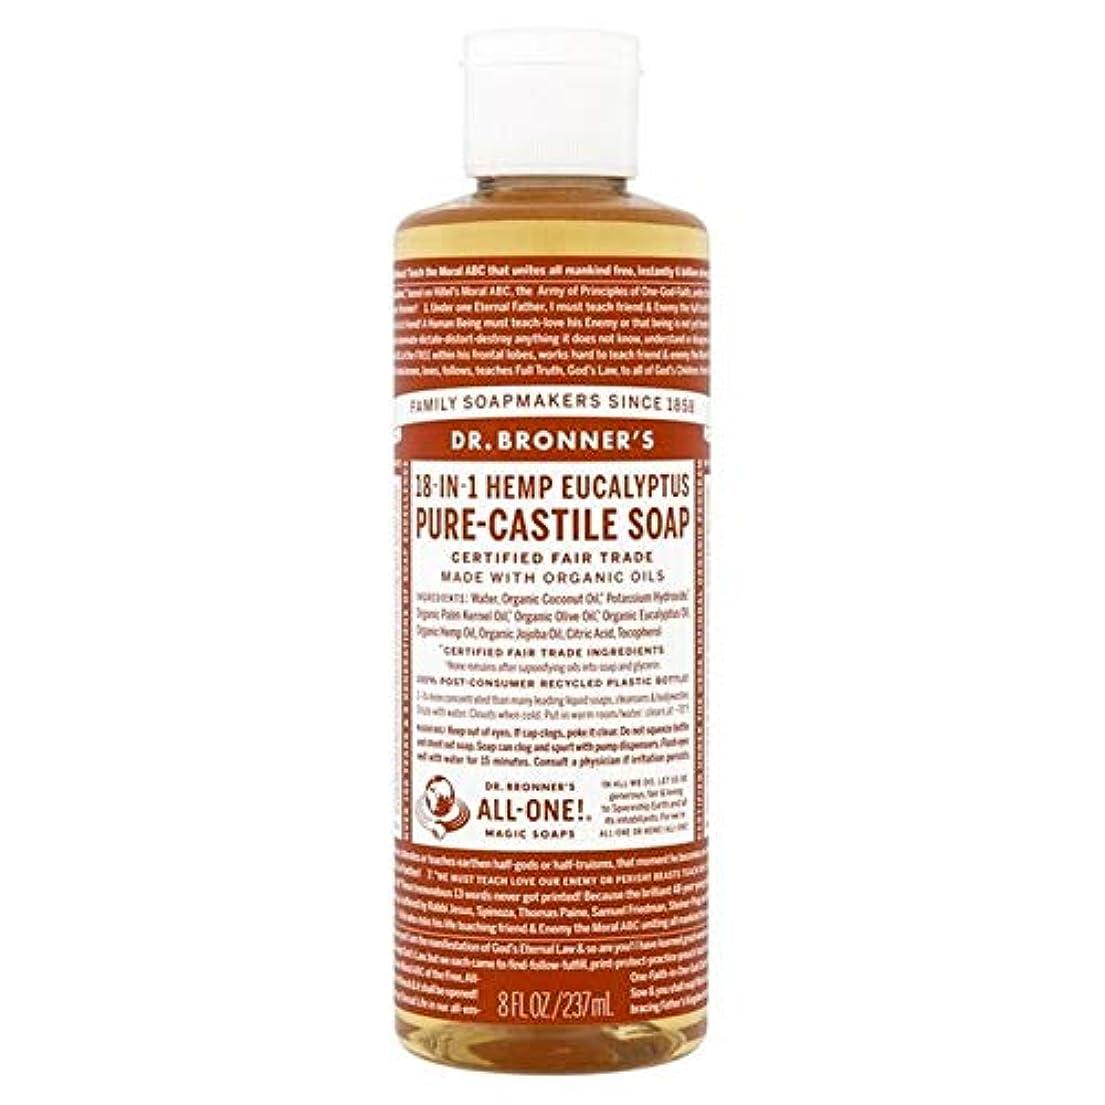 貯水池野生摂動[Dr Bronner] Dr。ブロナーズ有機ユーカリの純粋な-カスティーリャ液体石鹸237ミリリットル - Dr. Bronner's Organic Eucalyptus Pure-Castile Liquid Soap...